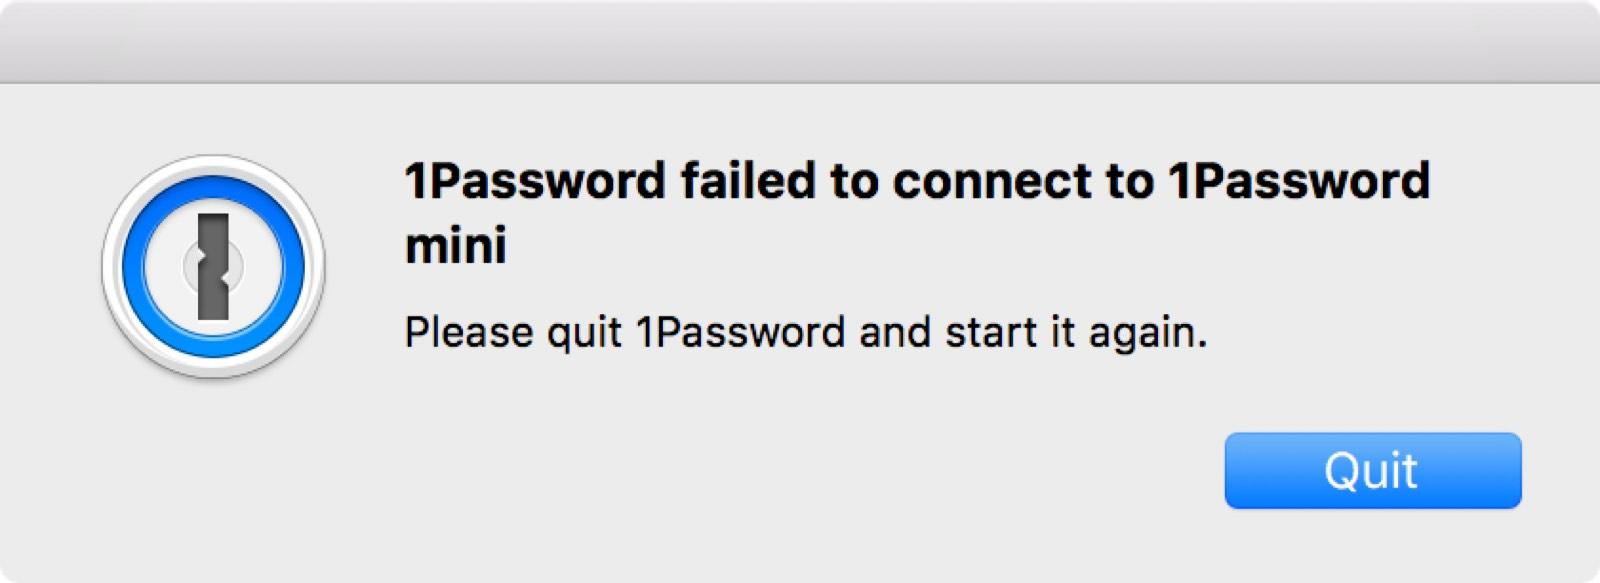 1Password Error Message